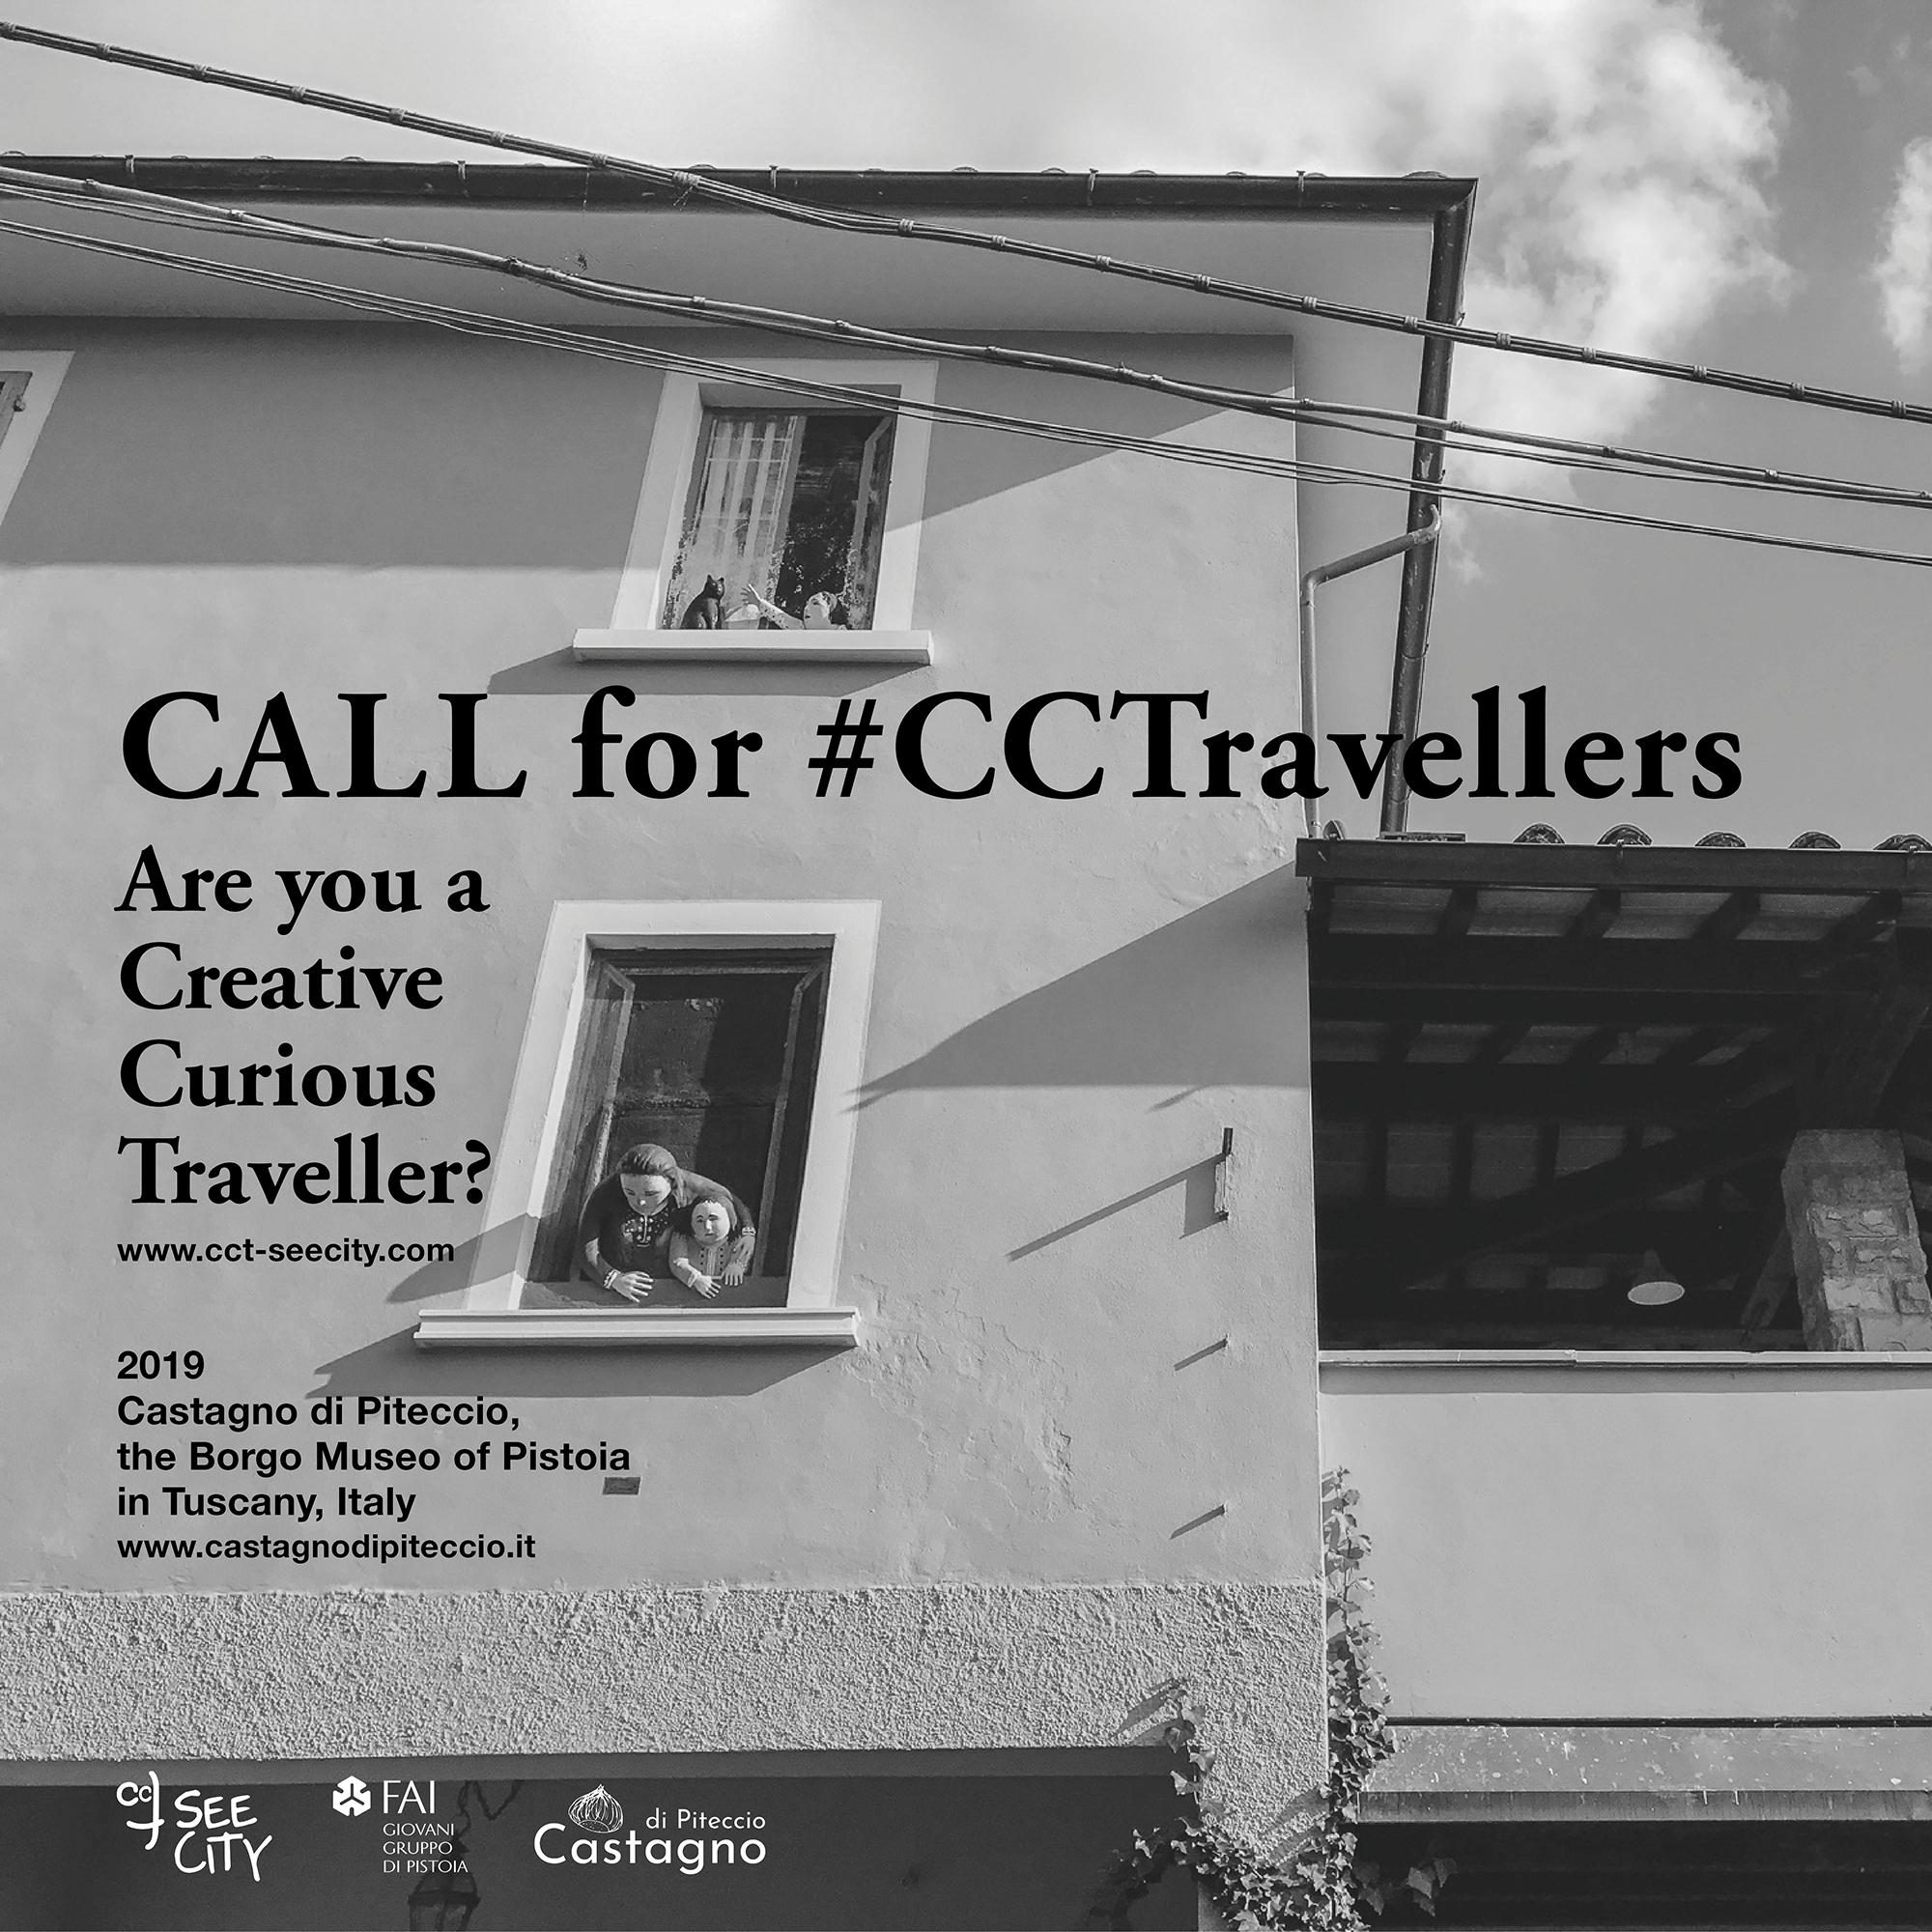 Castagno di Piteccio - Borgo Museo 2019 - CALL for #CCTravellers